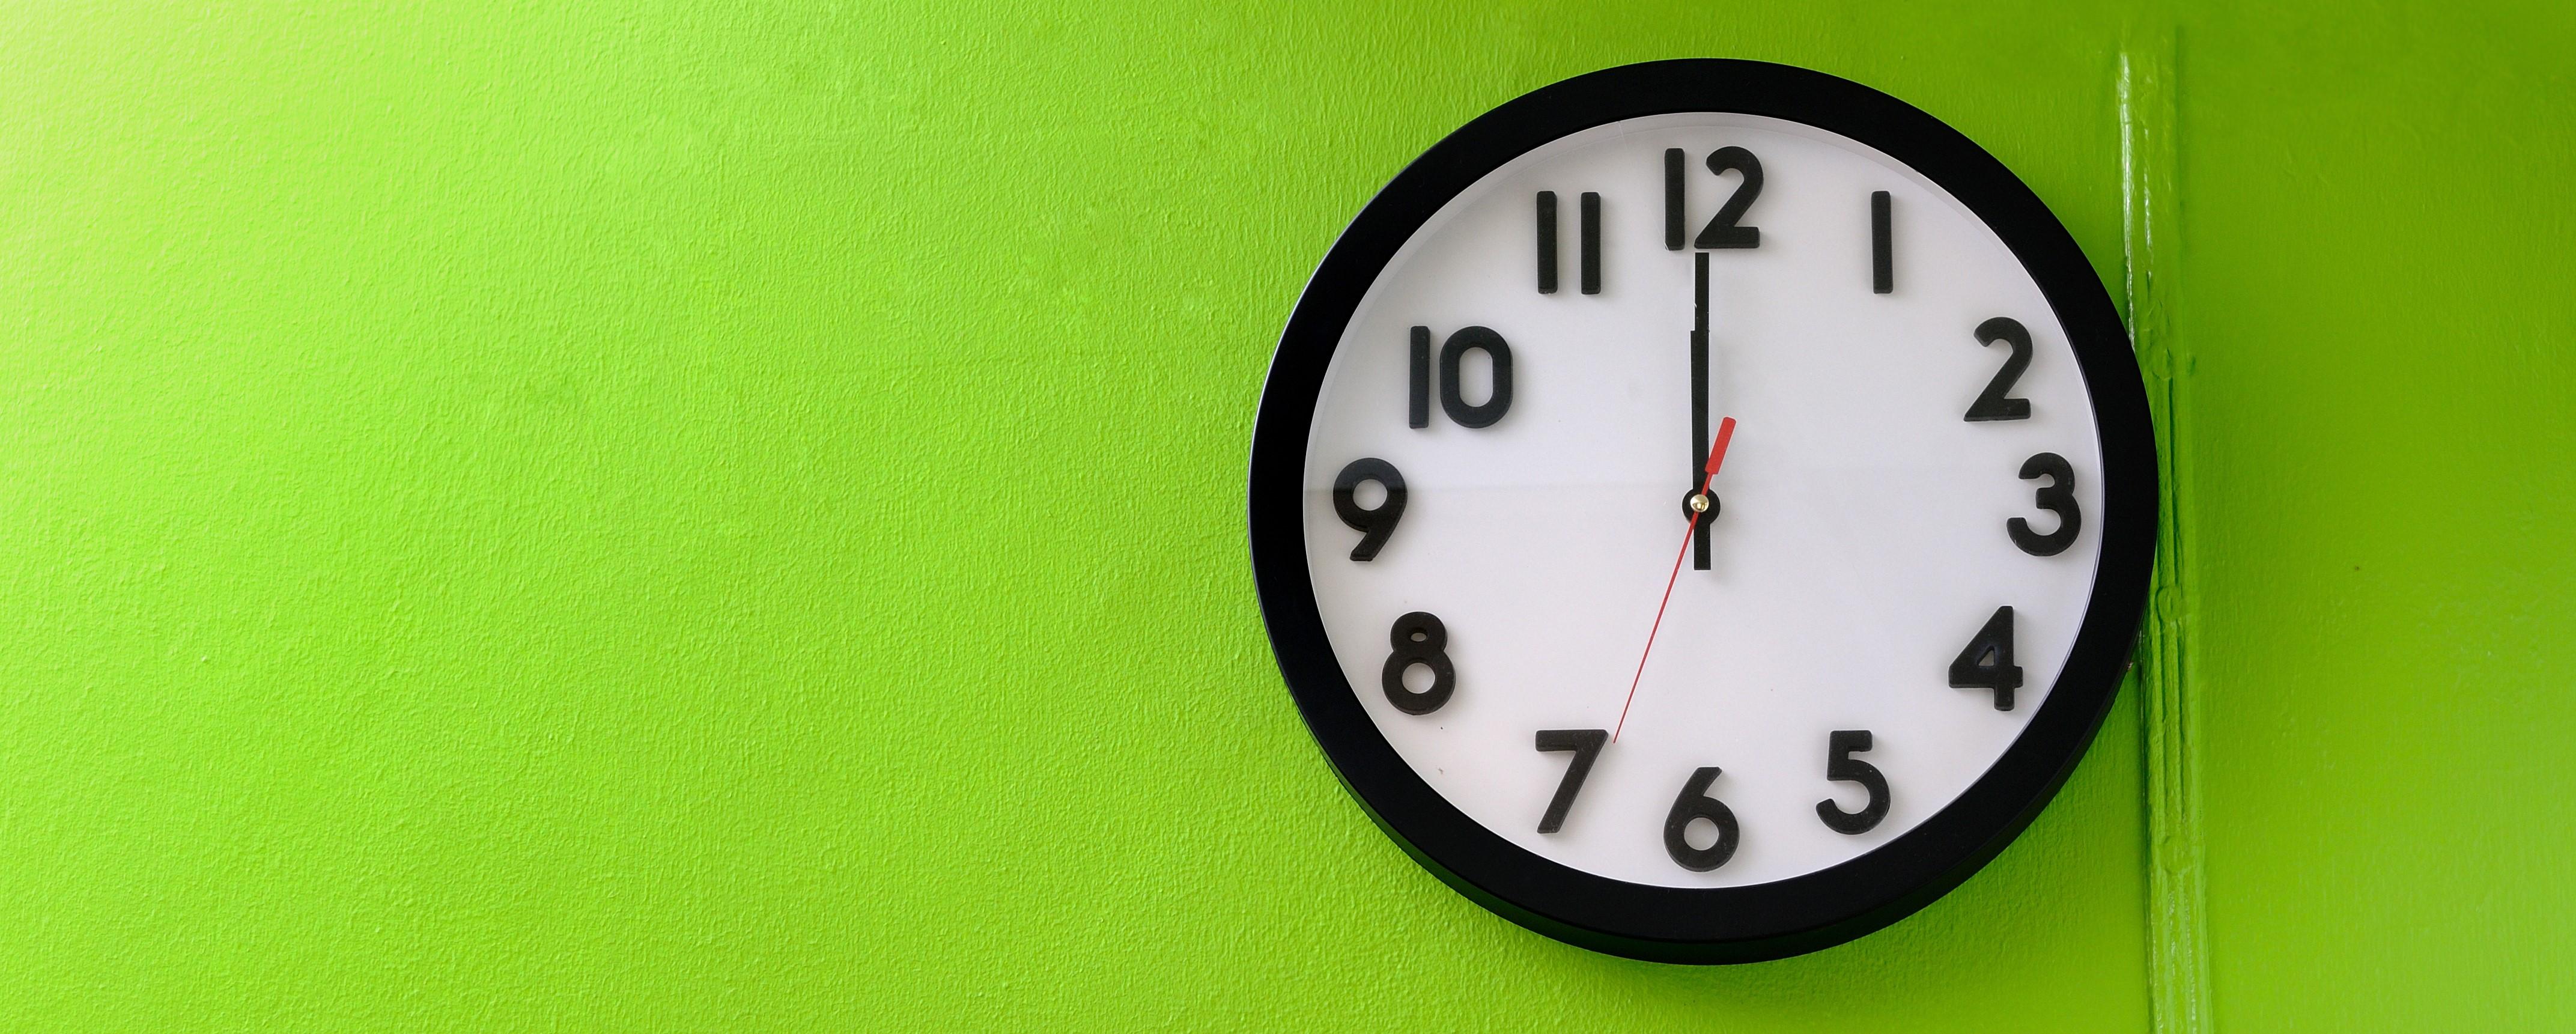 Trabalhar à noite faz mal à saúde? Como minimizar riscos